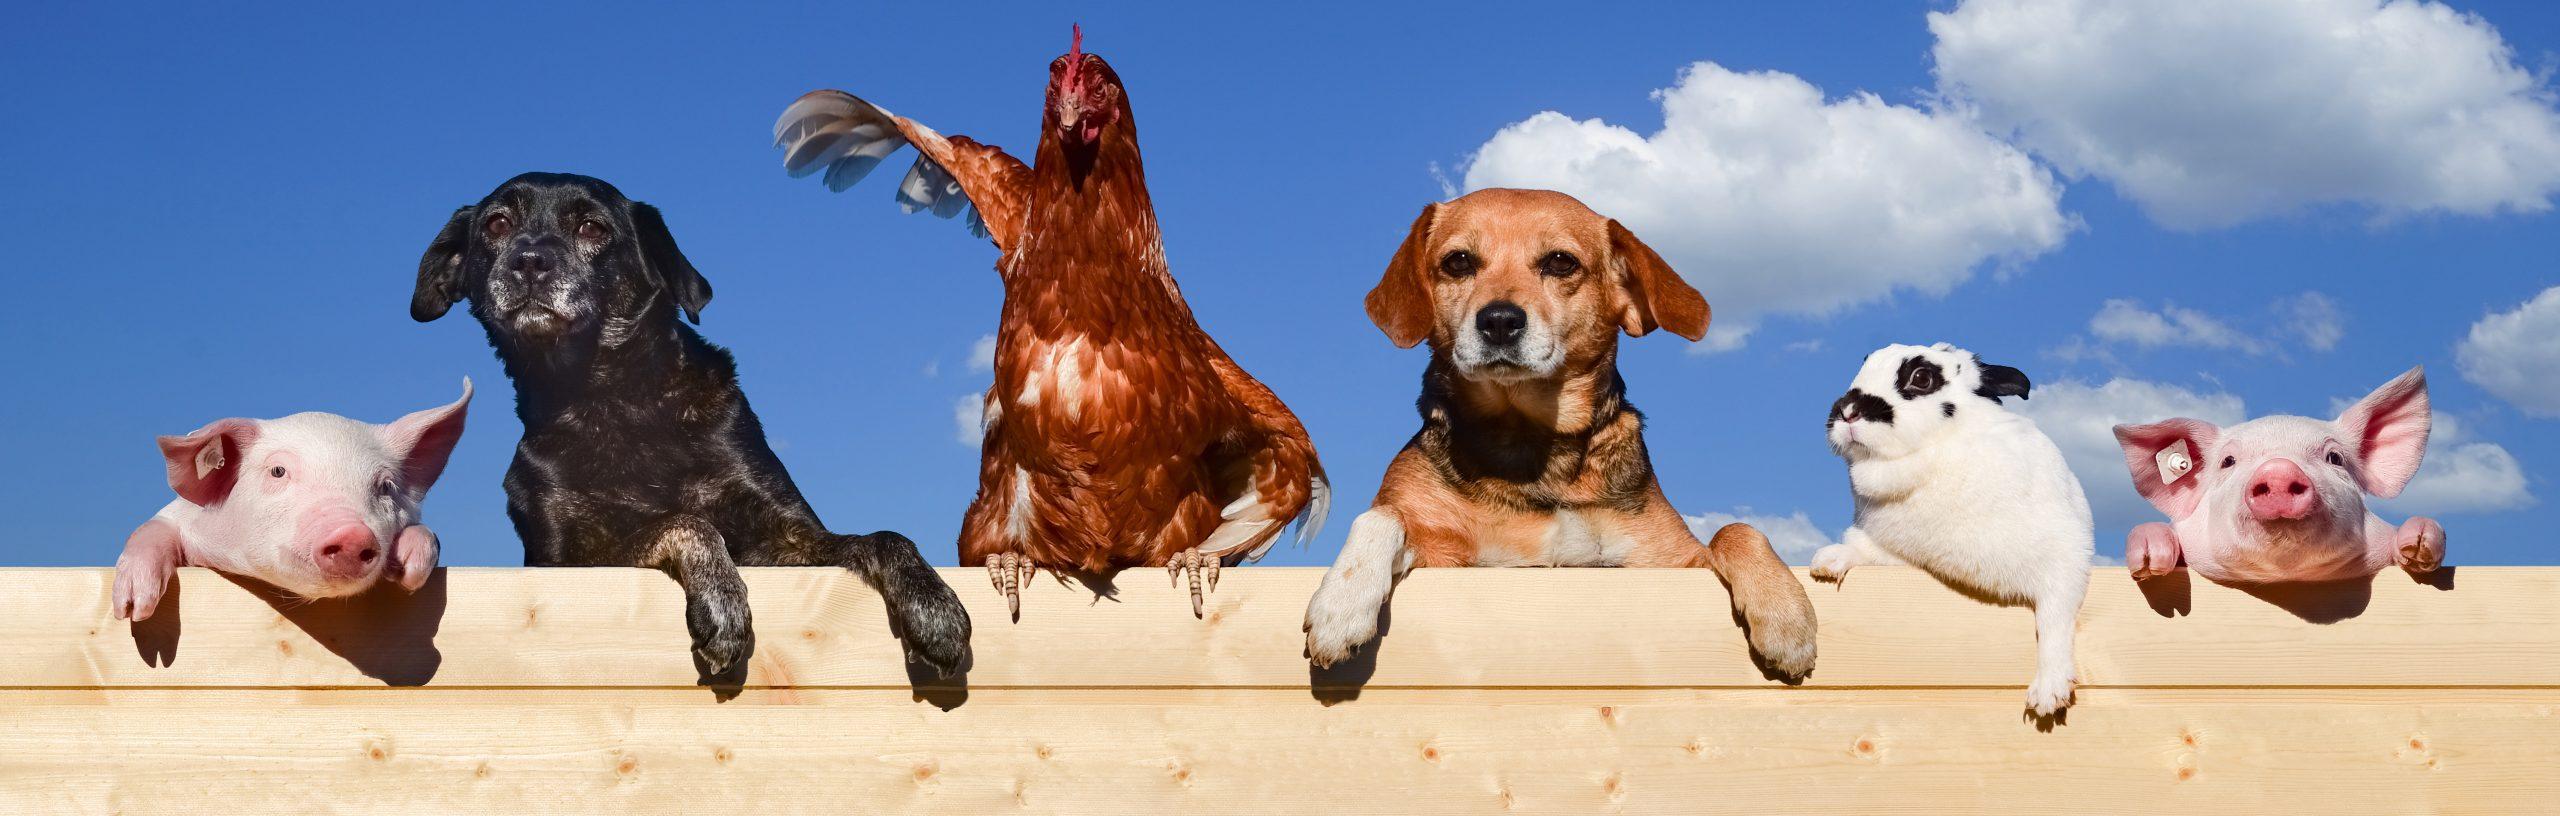 Découvrez l'essentiel sur le monde animal